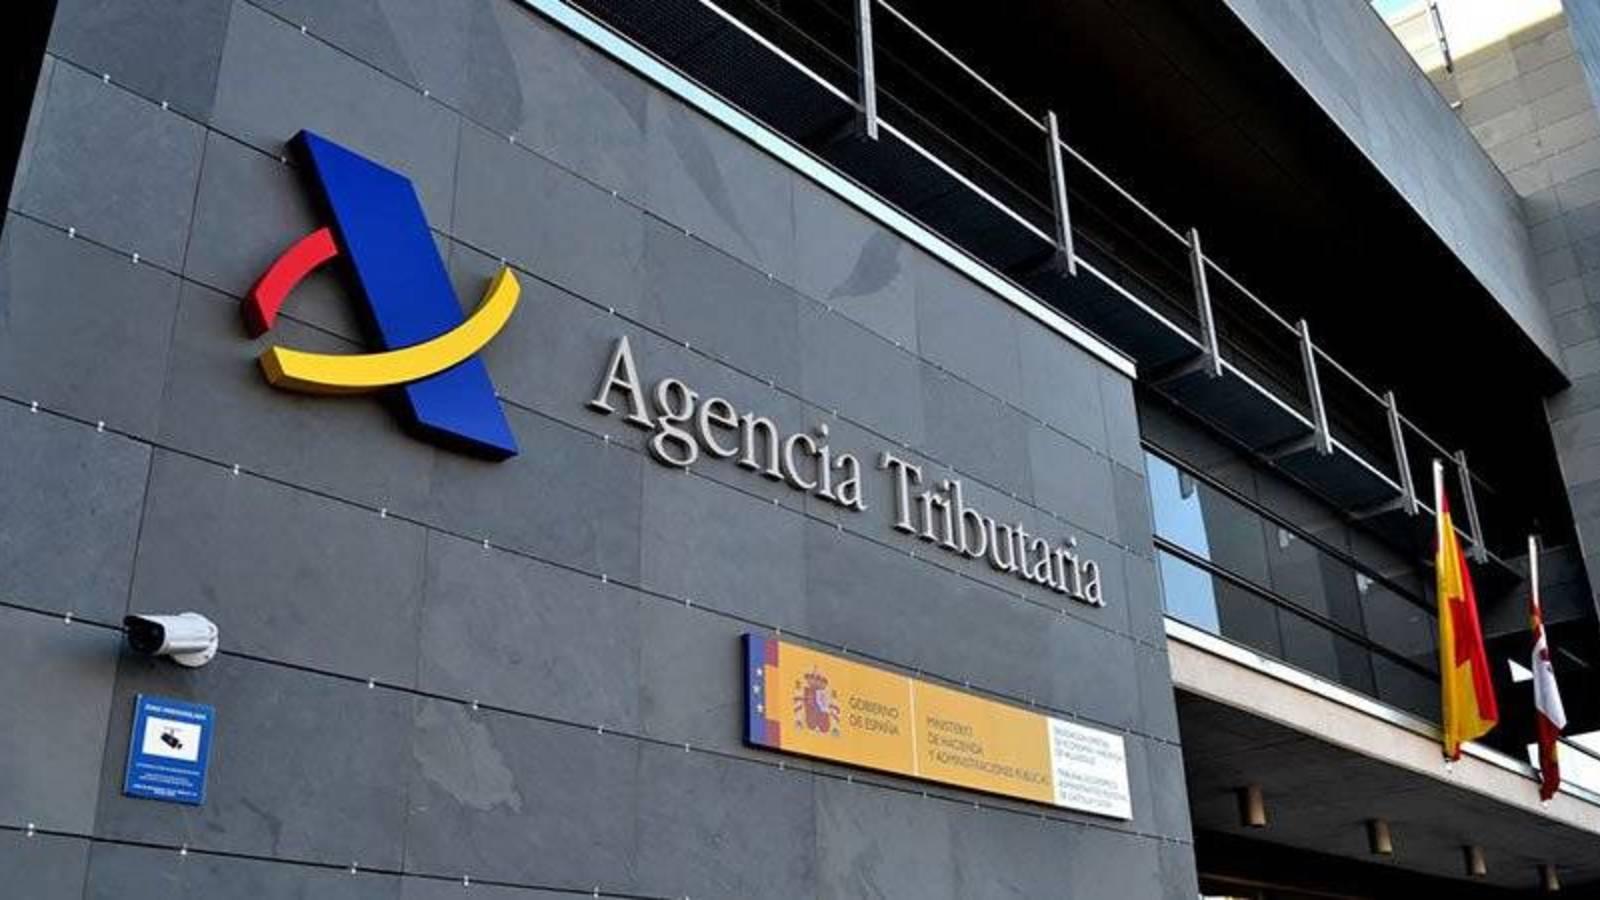 La Agencia Tributaria no puede ser autorizada a registrar un domicilio o empresa sin un motivo debidamente justificado